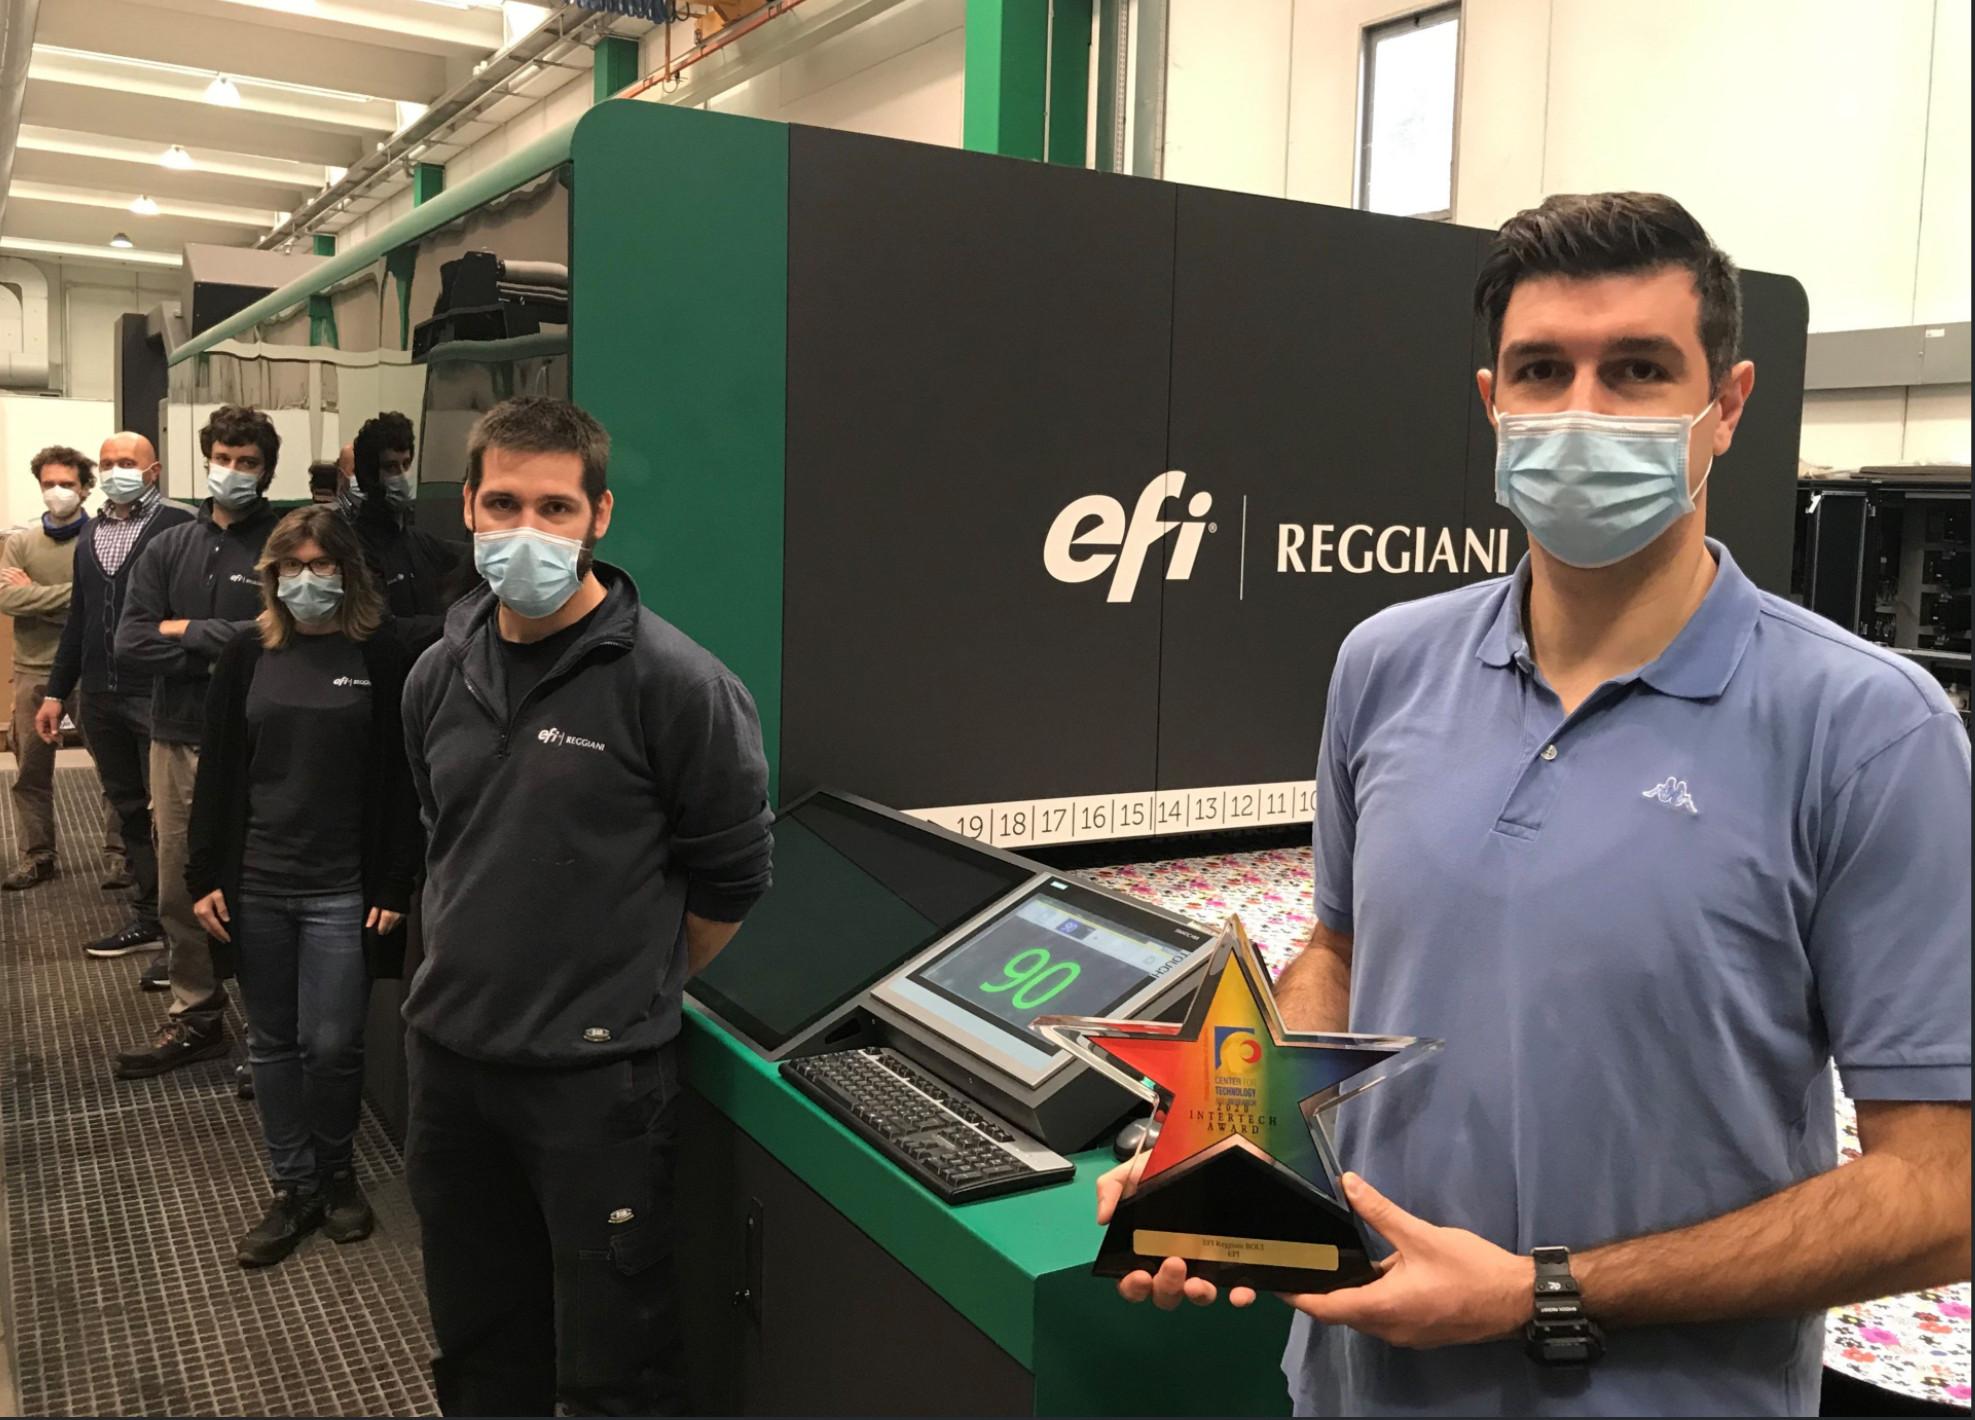 Bolt EFI Reggiani AWard